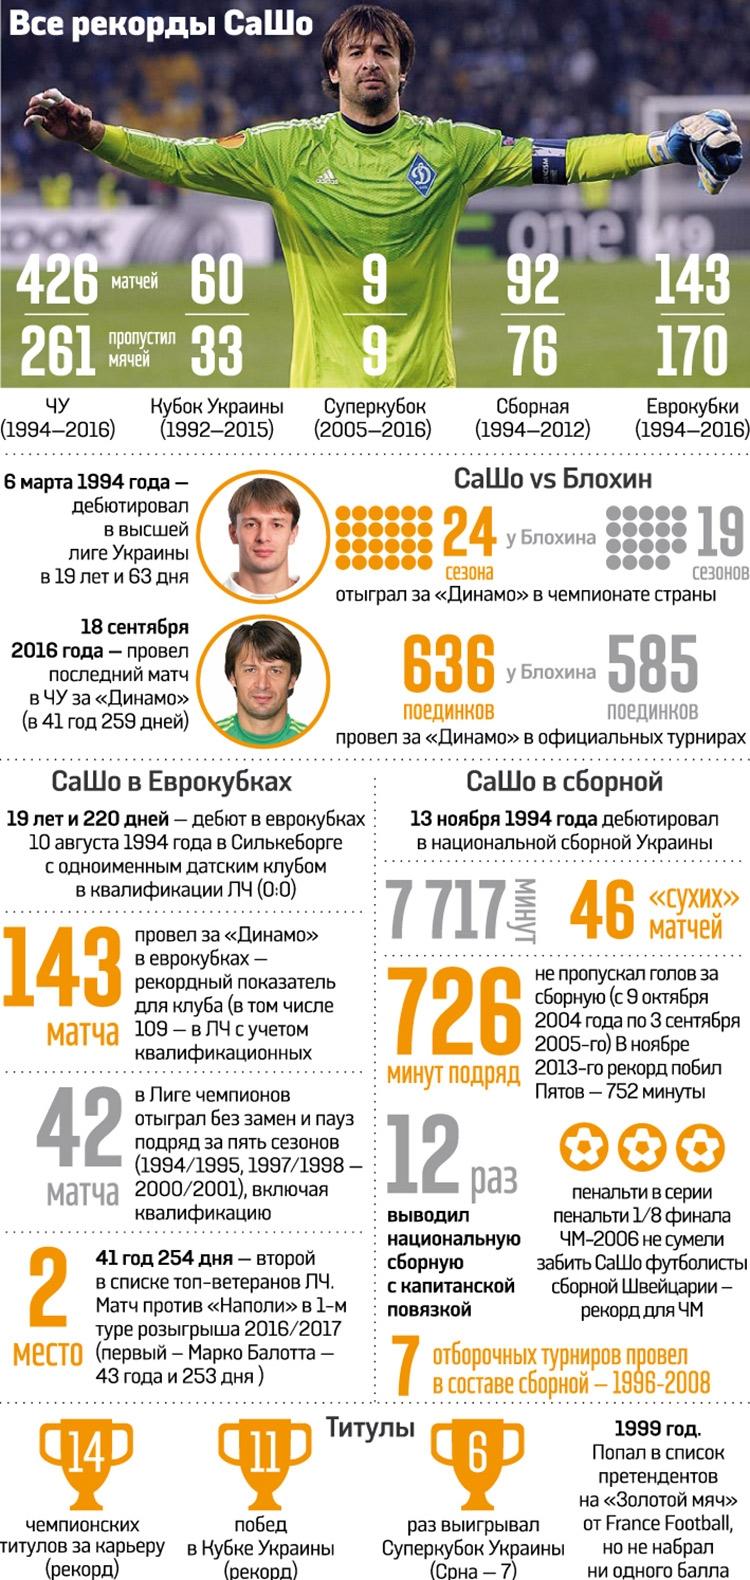 Моуринью на побегушках, 10 лет до появления Facebook. Каким был мир, когда Шовковский дебютировал за «Динамо»